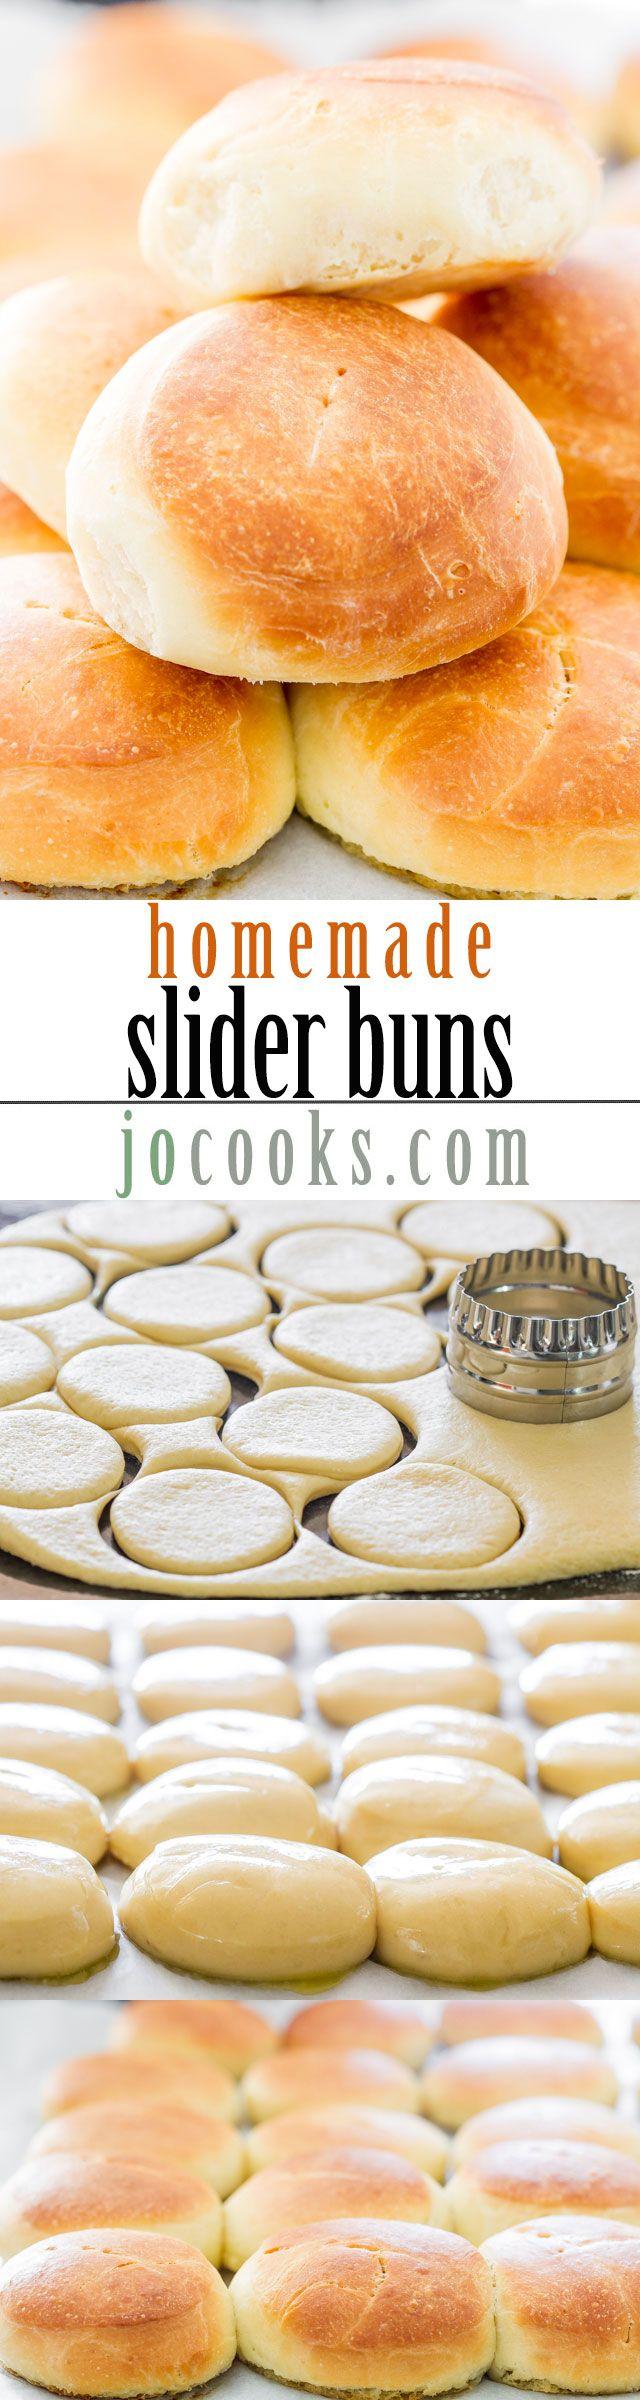 Homemade Slider Buns